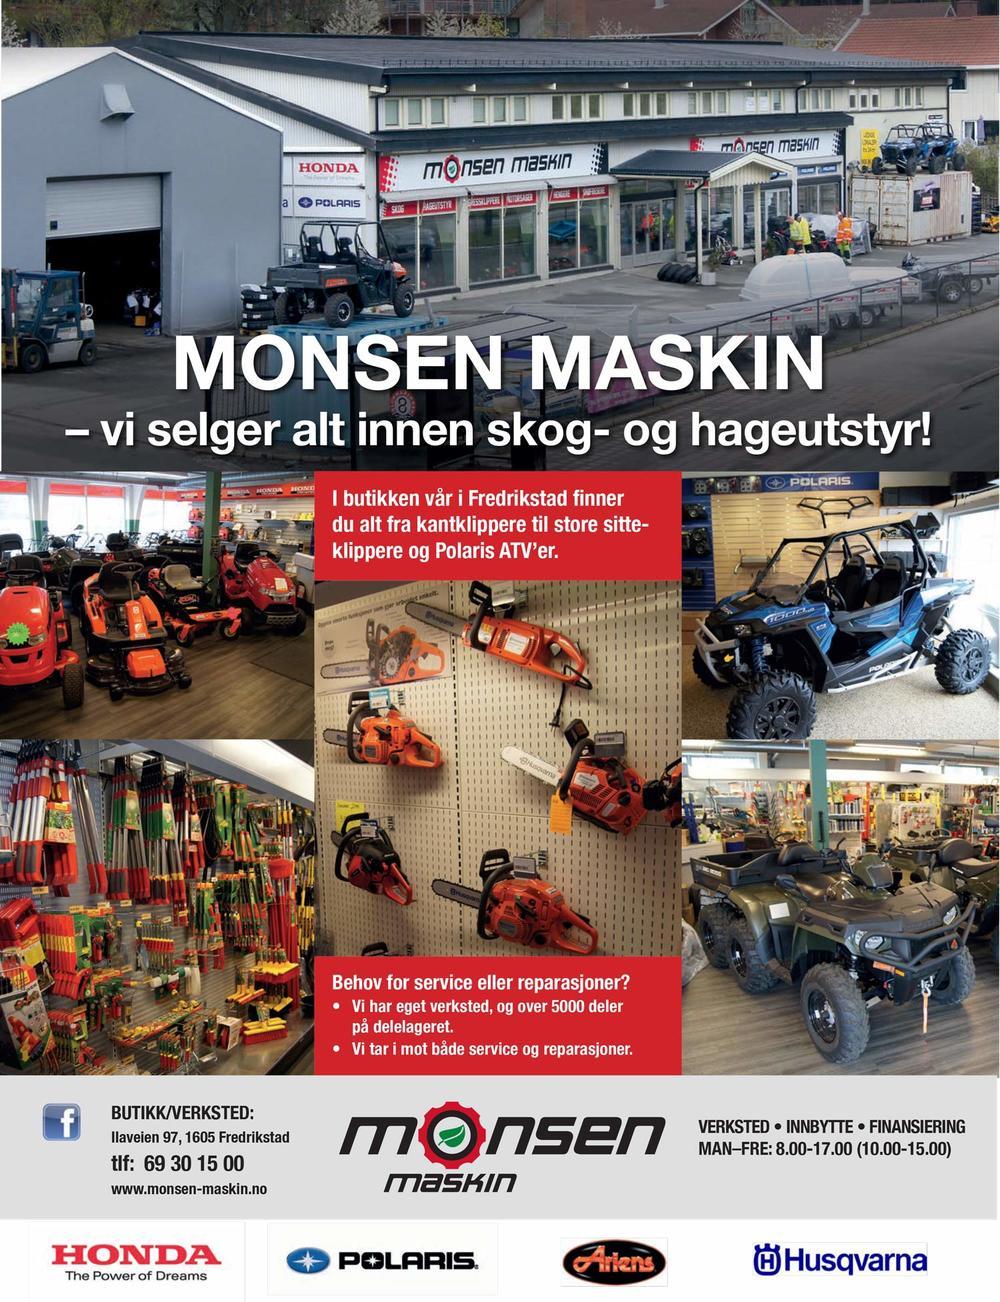 Monsen Maskin